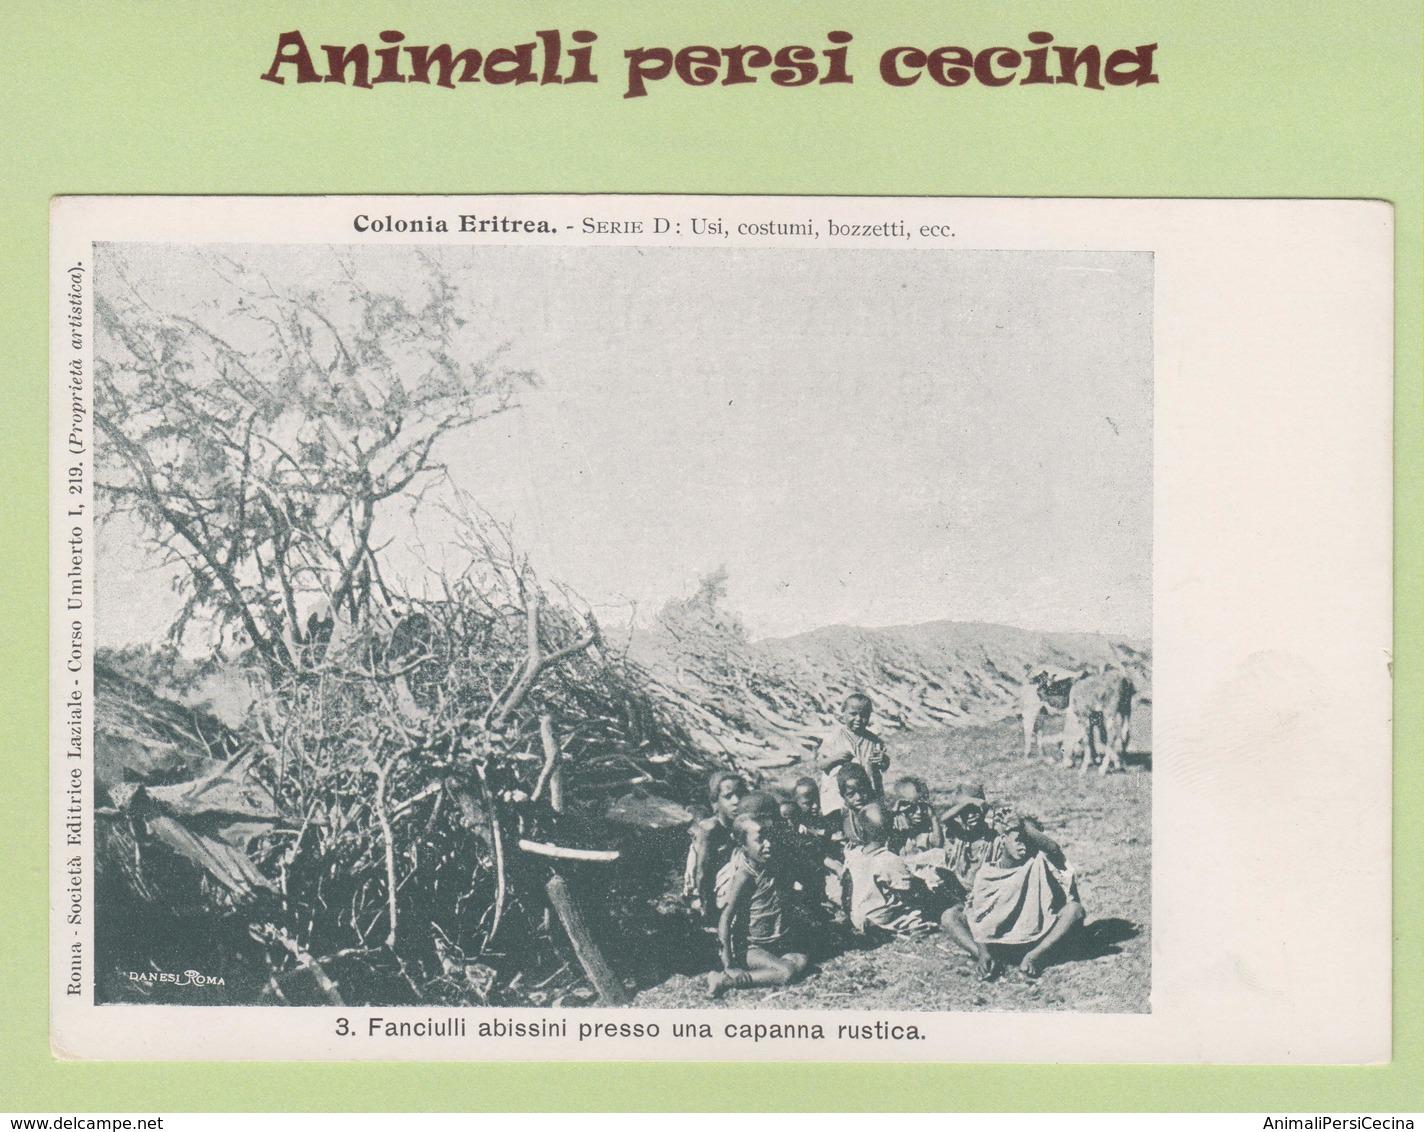 AFRICA ORIENTALE - ERITREA - COLONIA - FANCIULLI ABISSINI CAPANNA RUSTICA - CARTOLINA - LT60-035 - Eritrea